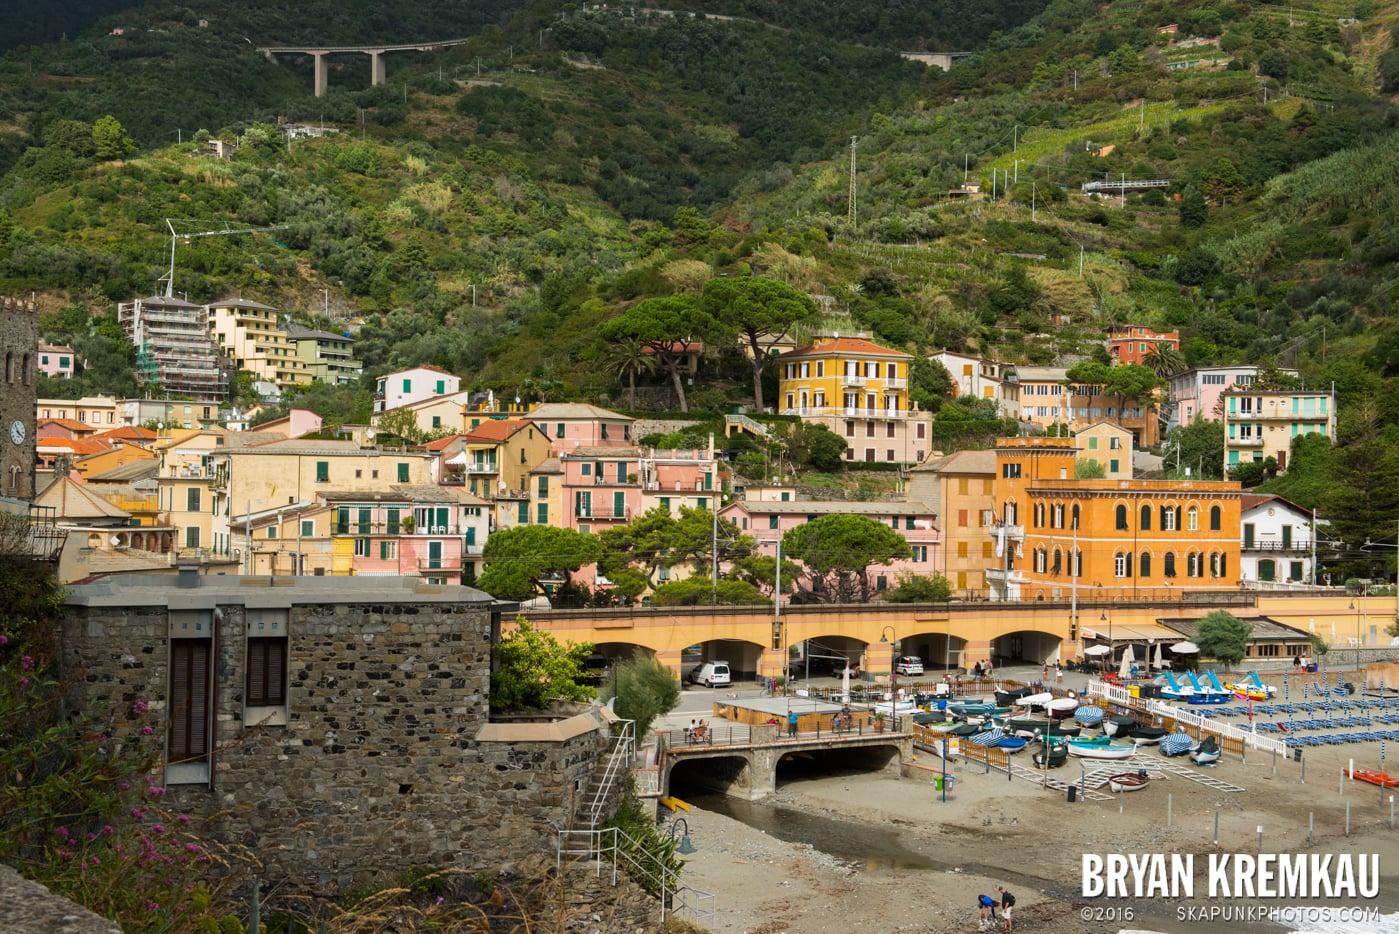 Italy Vacation - Day 10: Cinque Terre - 9.18.13 (21)